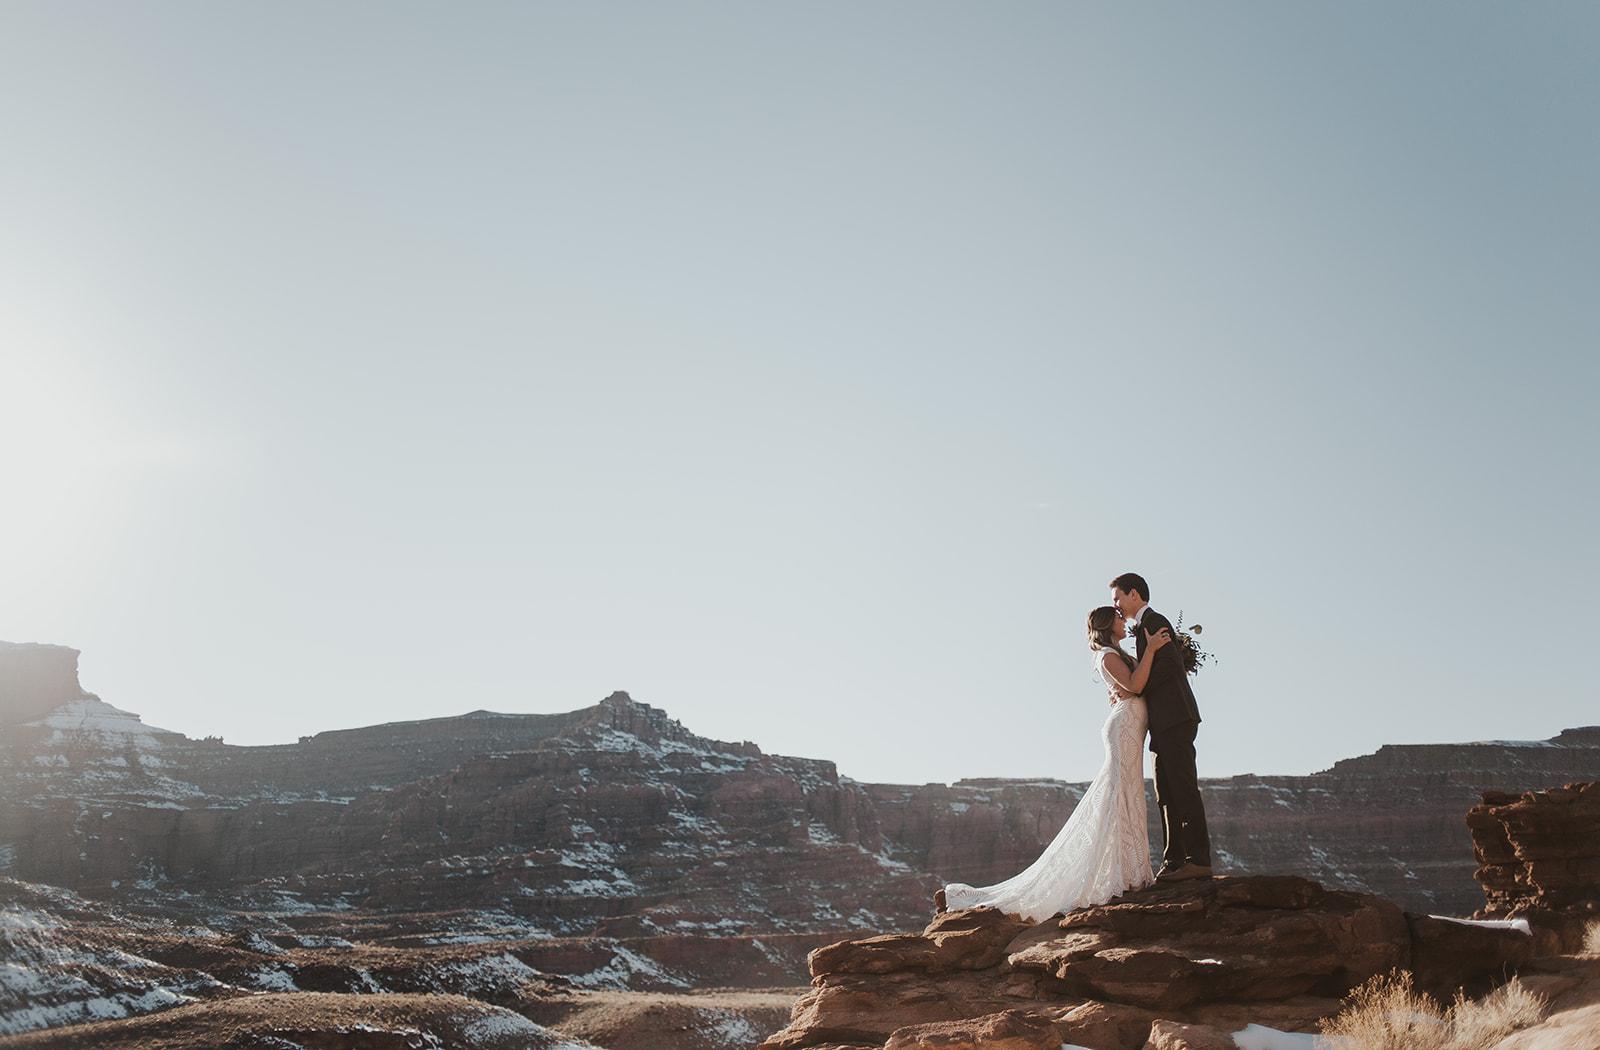 jamie+weston bridals-17.jpg